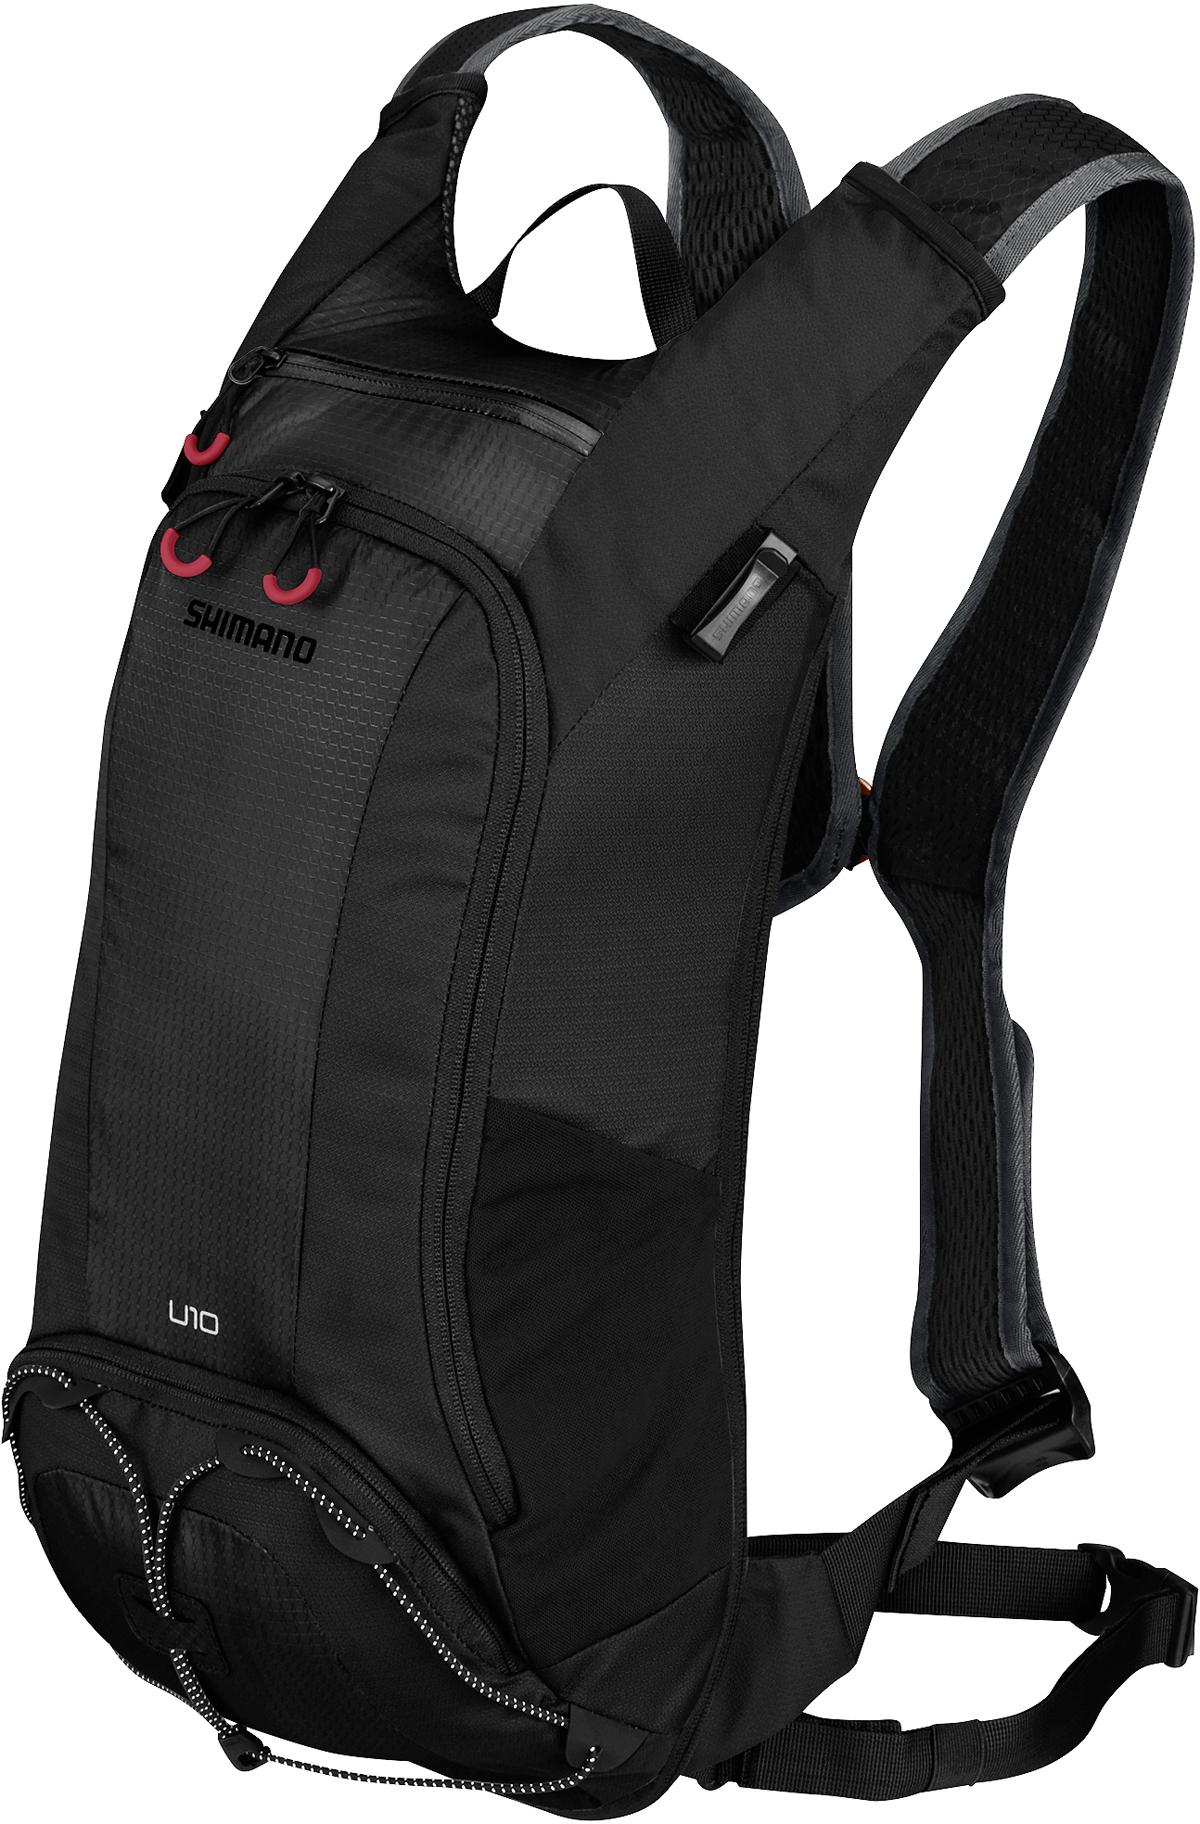 SHIMANO batoh UNZEN 10 s hydrapakem, černá